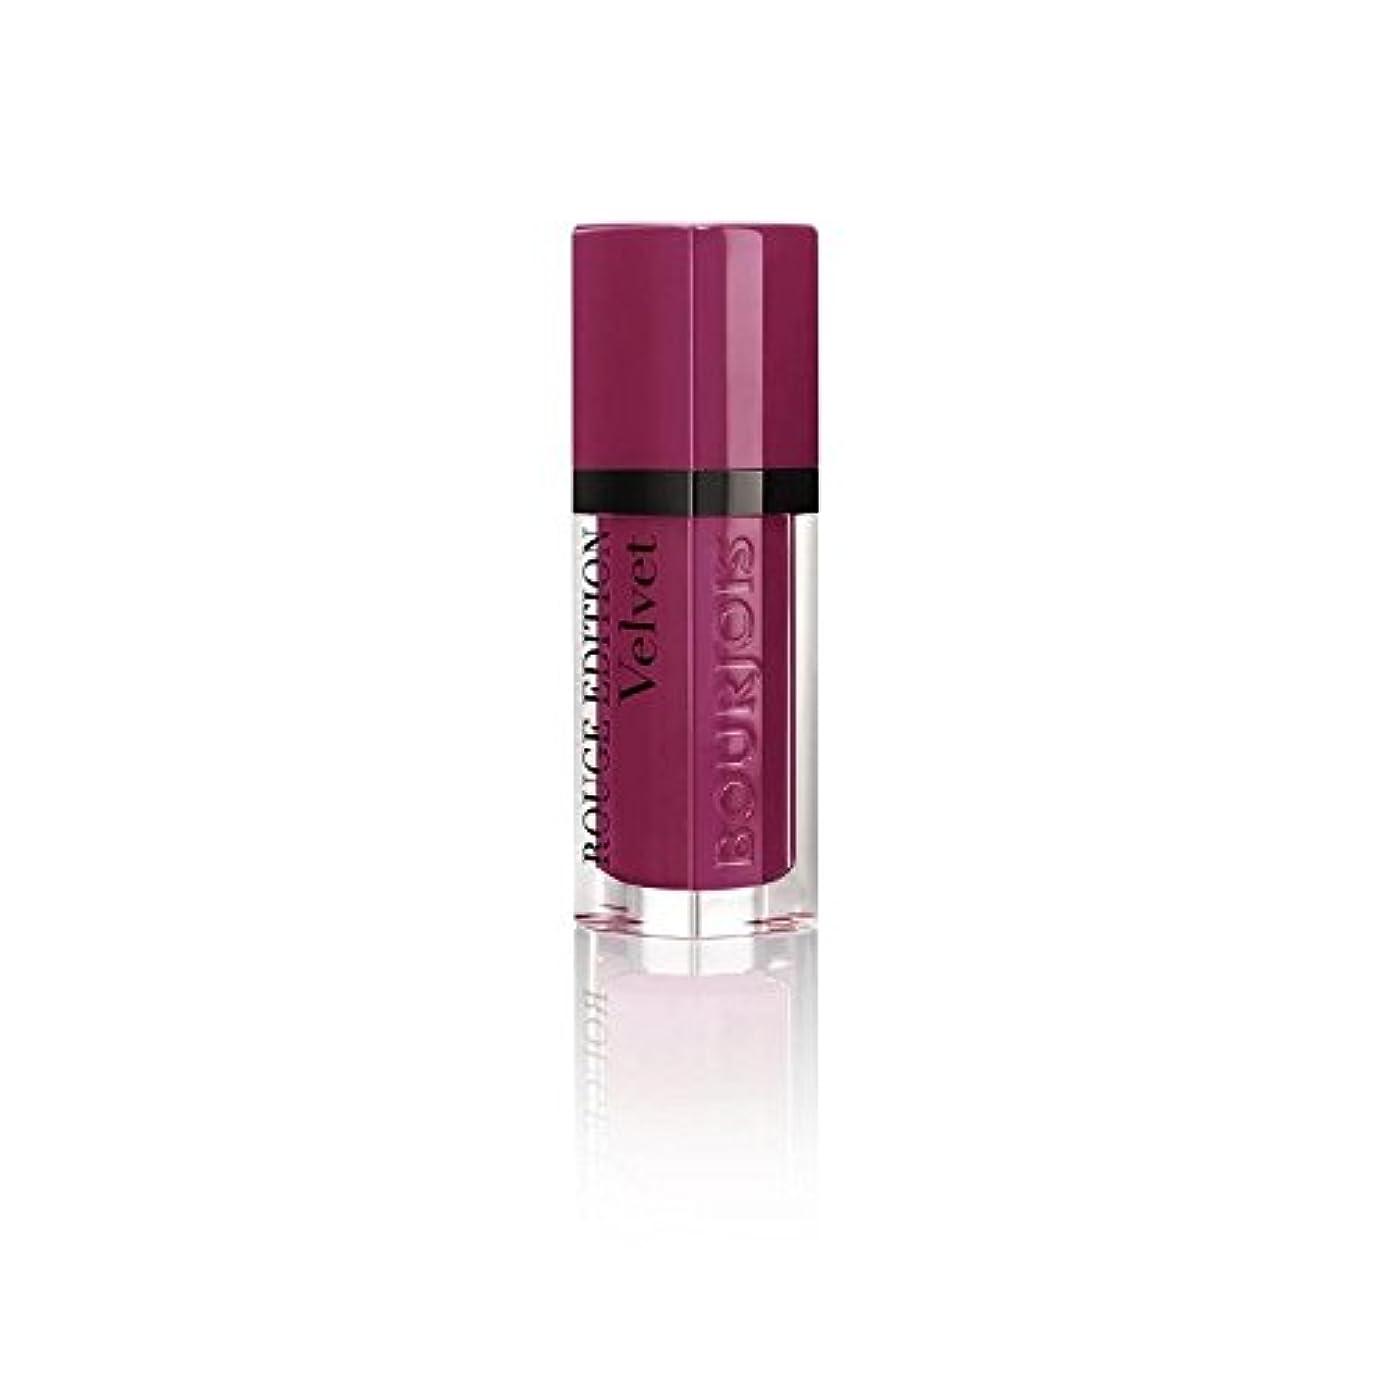 胚芽打撃同意するルージュ版のベルベットの口紅、梅梅の女の子の8ミリリットル (Bourjois) (x 6) - Bourjois Rouge Edition Velvet Lipstick, Plum Plum Girl 8ml (Pack of 6) [並行輸入品]